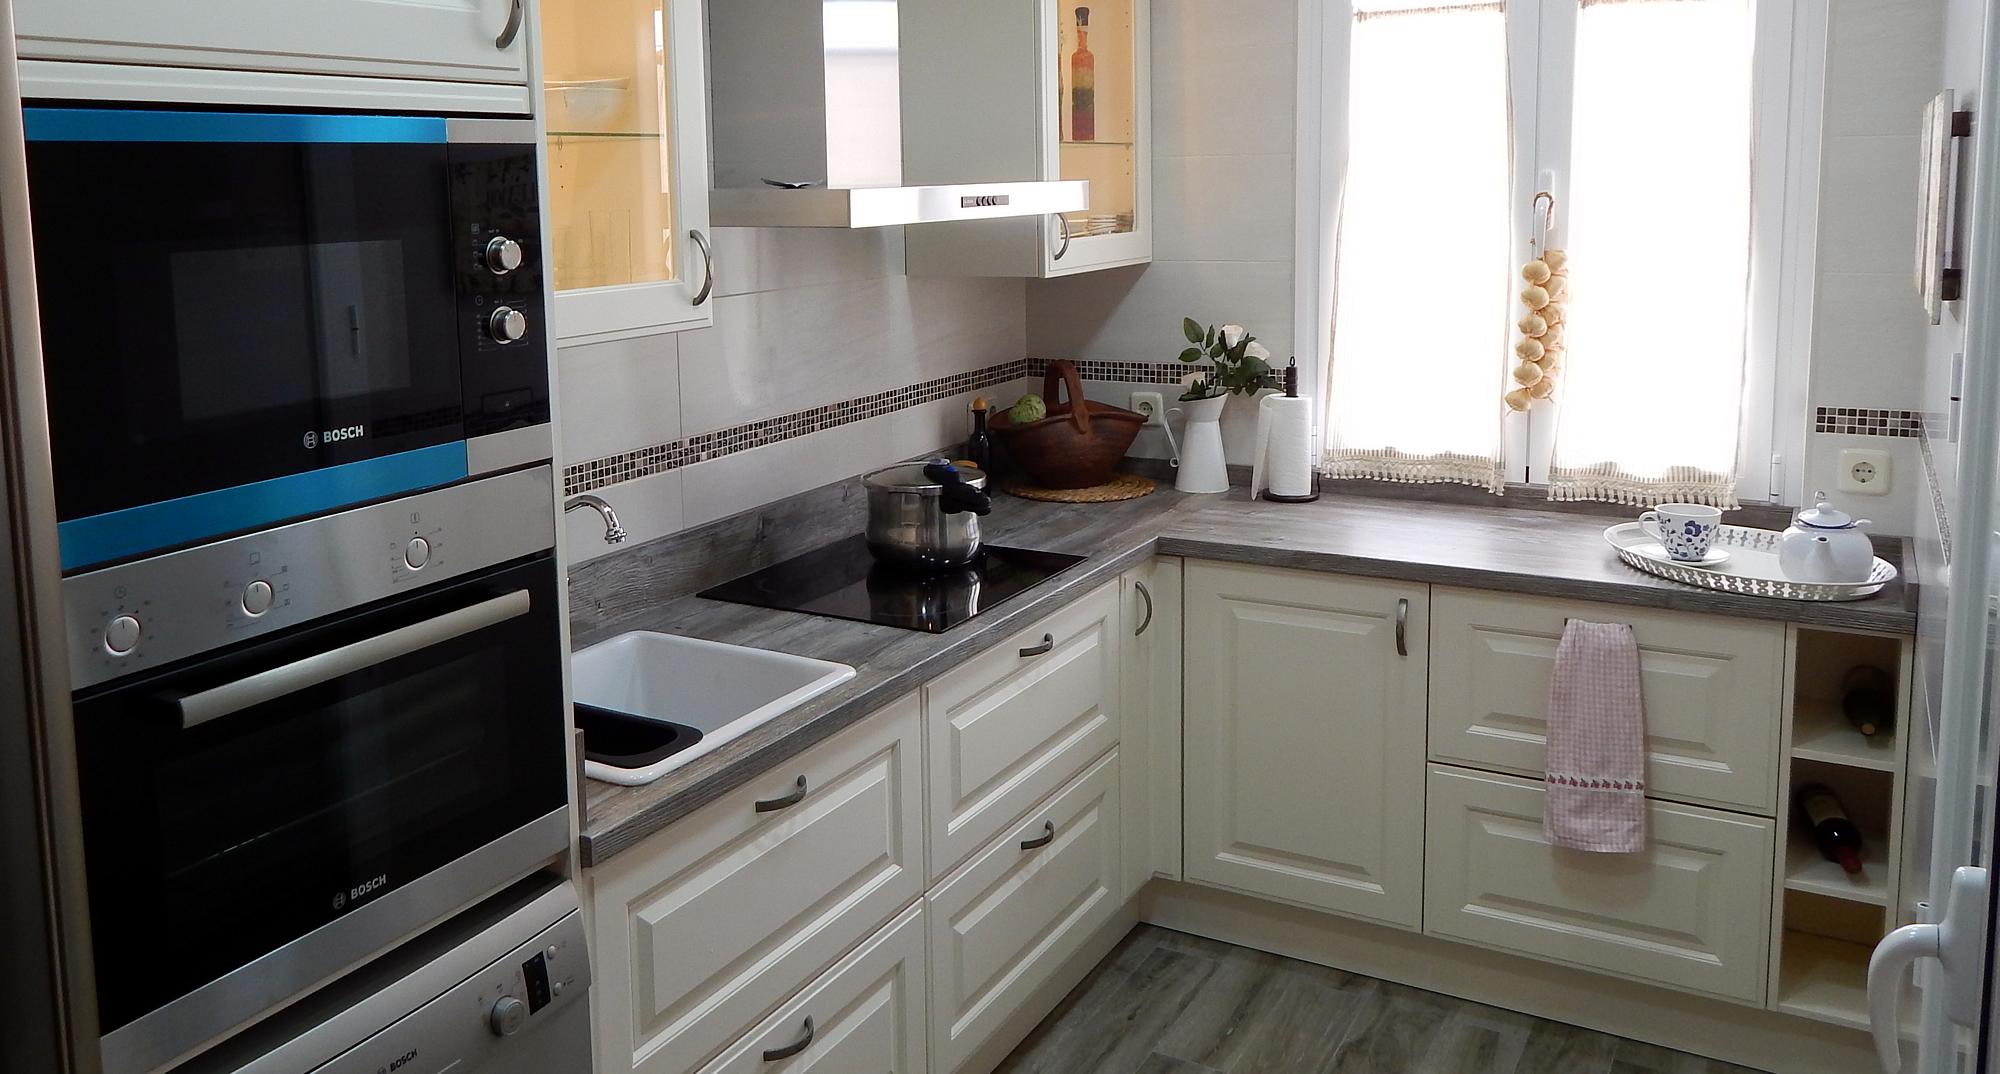 Muebles de cocina dise o cl sico for Muebles de diseno uruguay